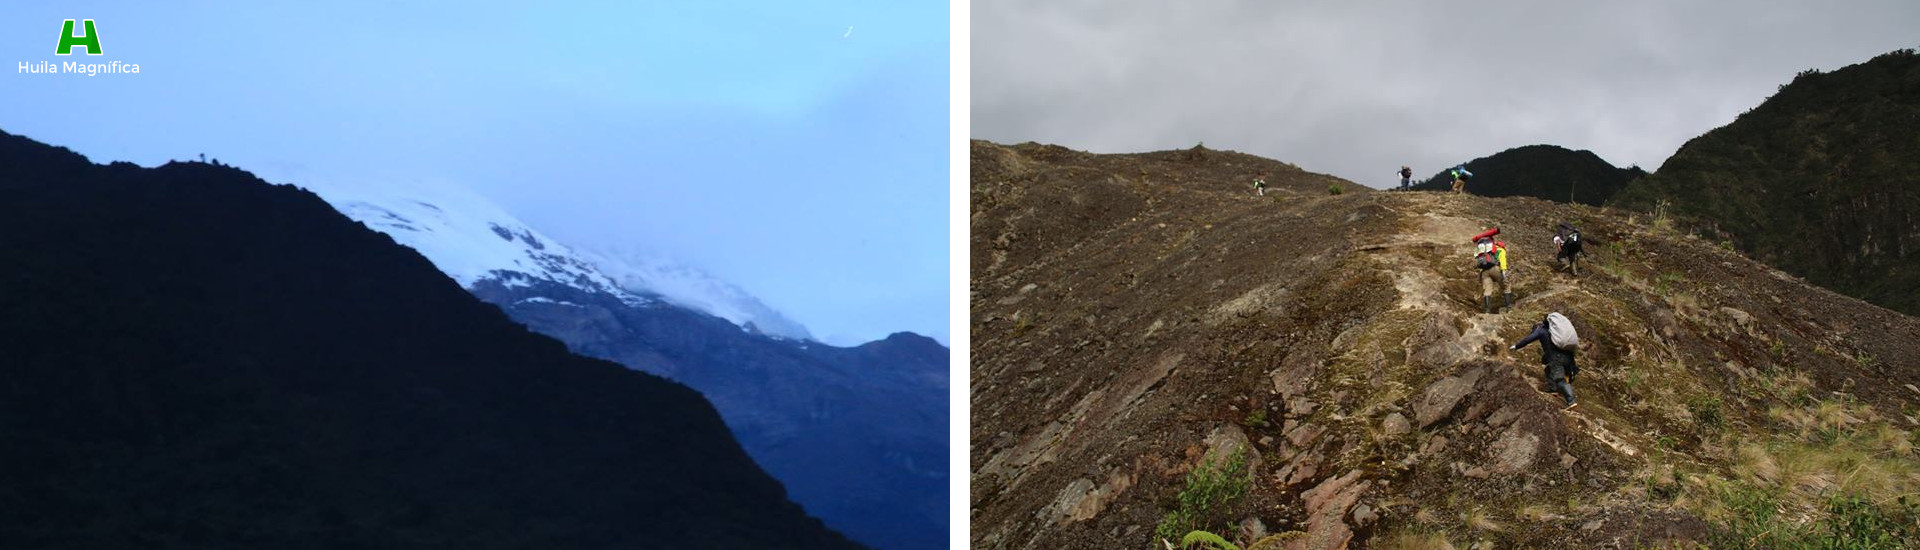 Excursión al Nevado del Huila 2018 - Vladetur